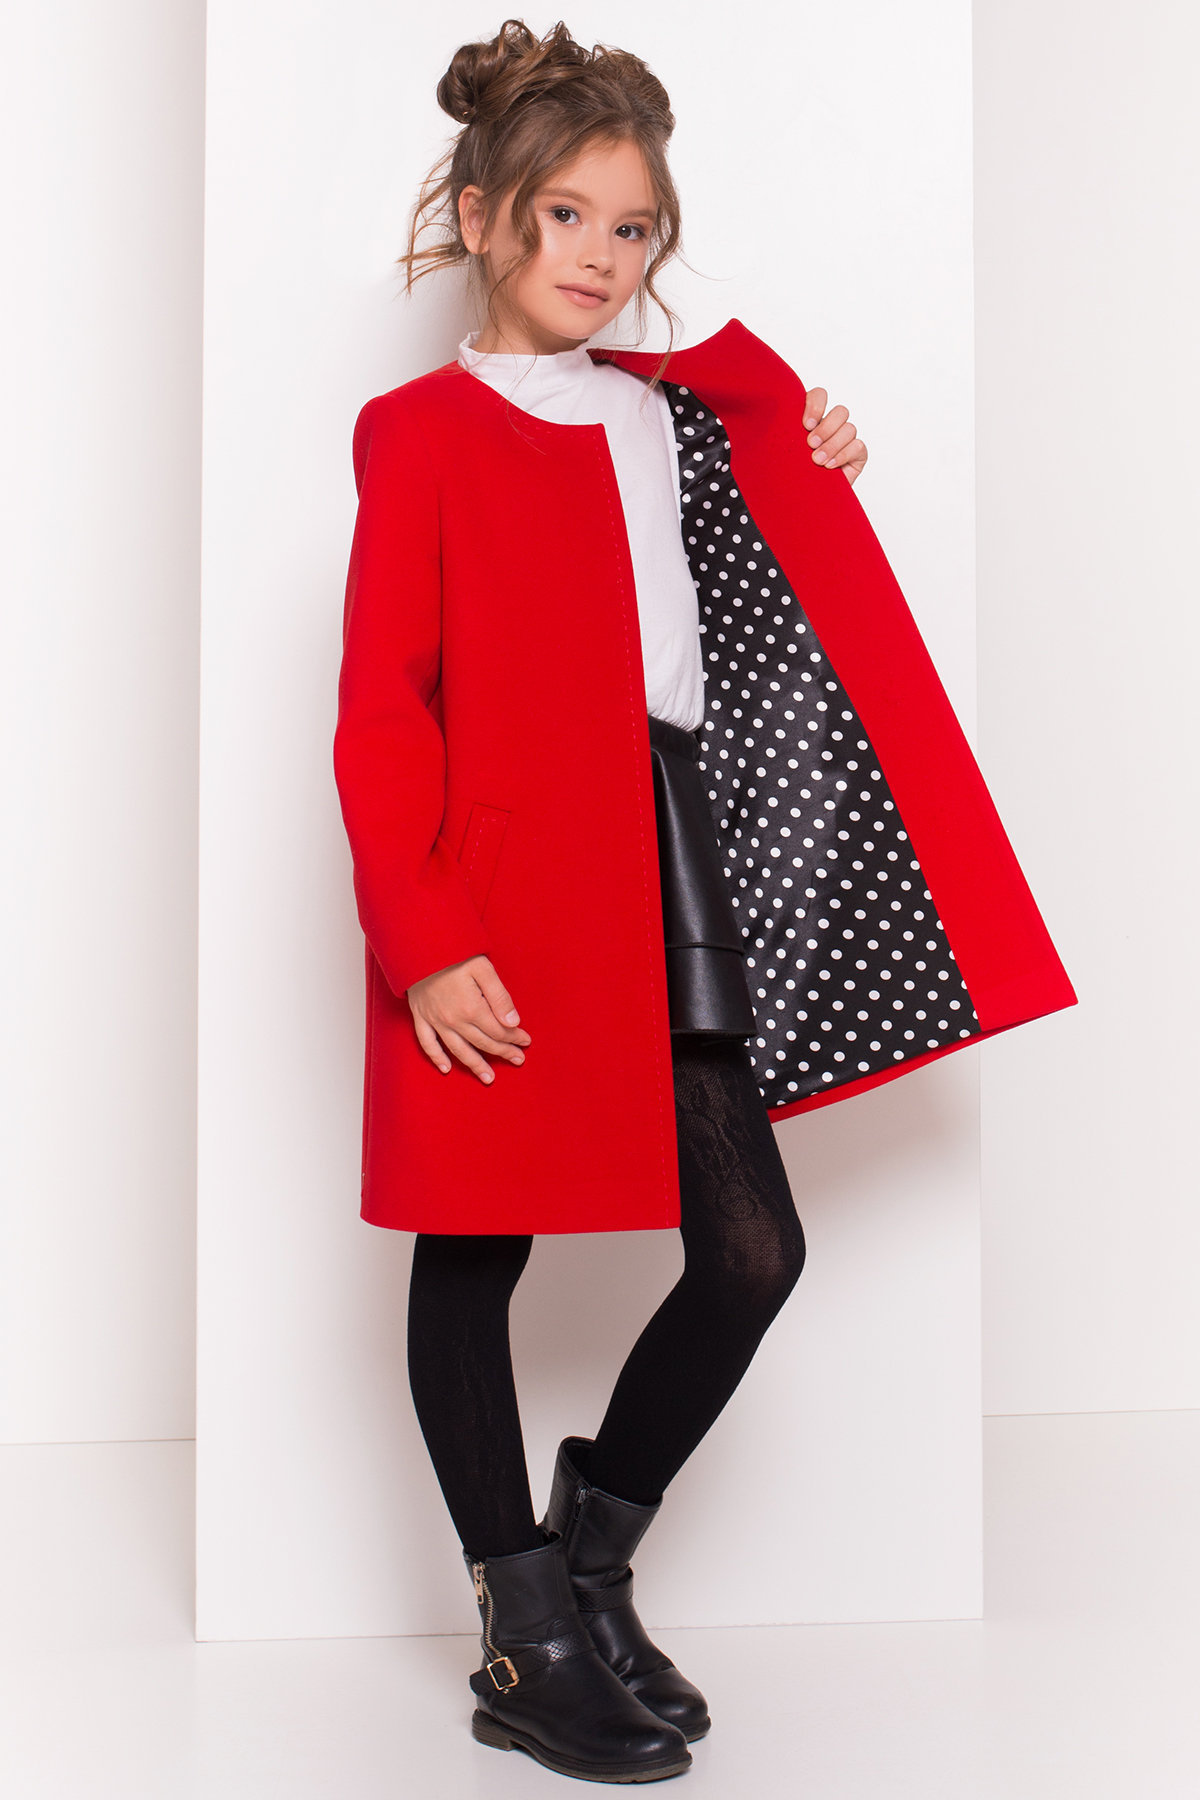 Пальто детское Чита 5297 АРТ. 38350 Цвет: Красный - фото 1, интернет магазин tm-modus.ru